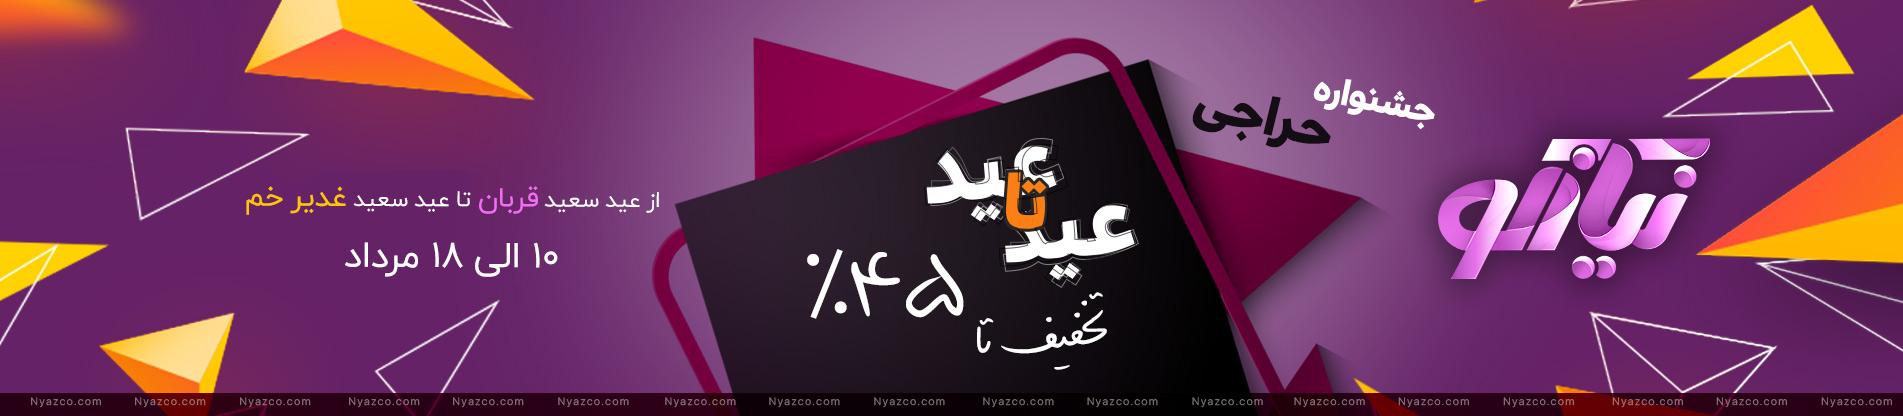 جشنواره فروش عید تا عید نیازکو